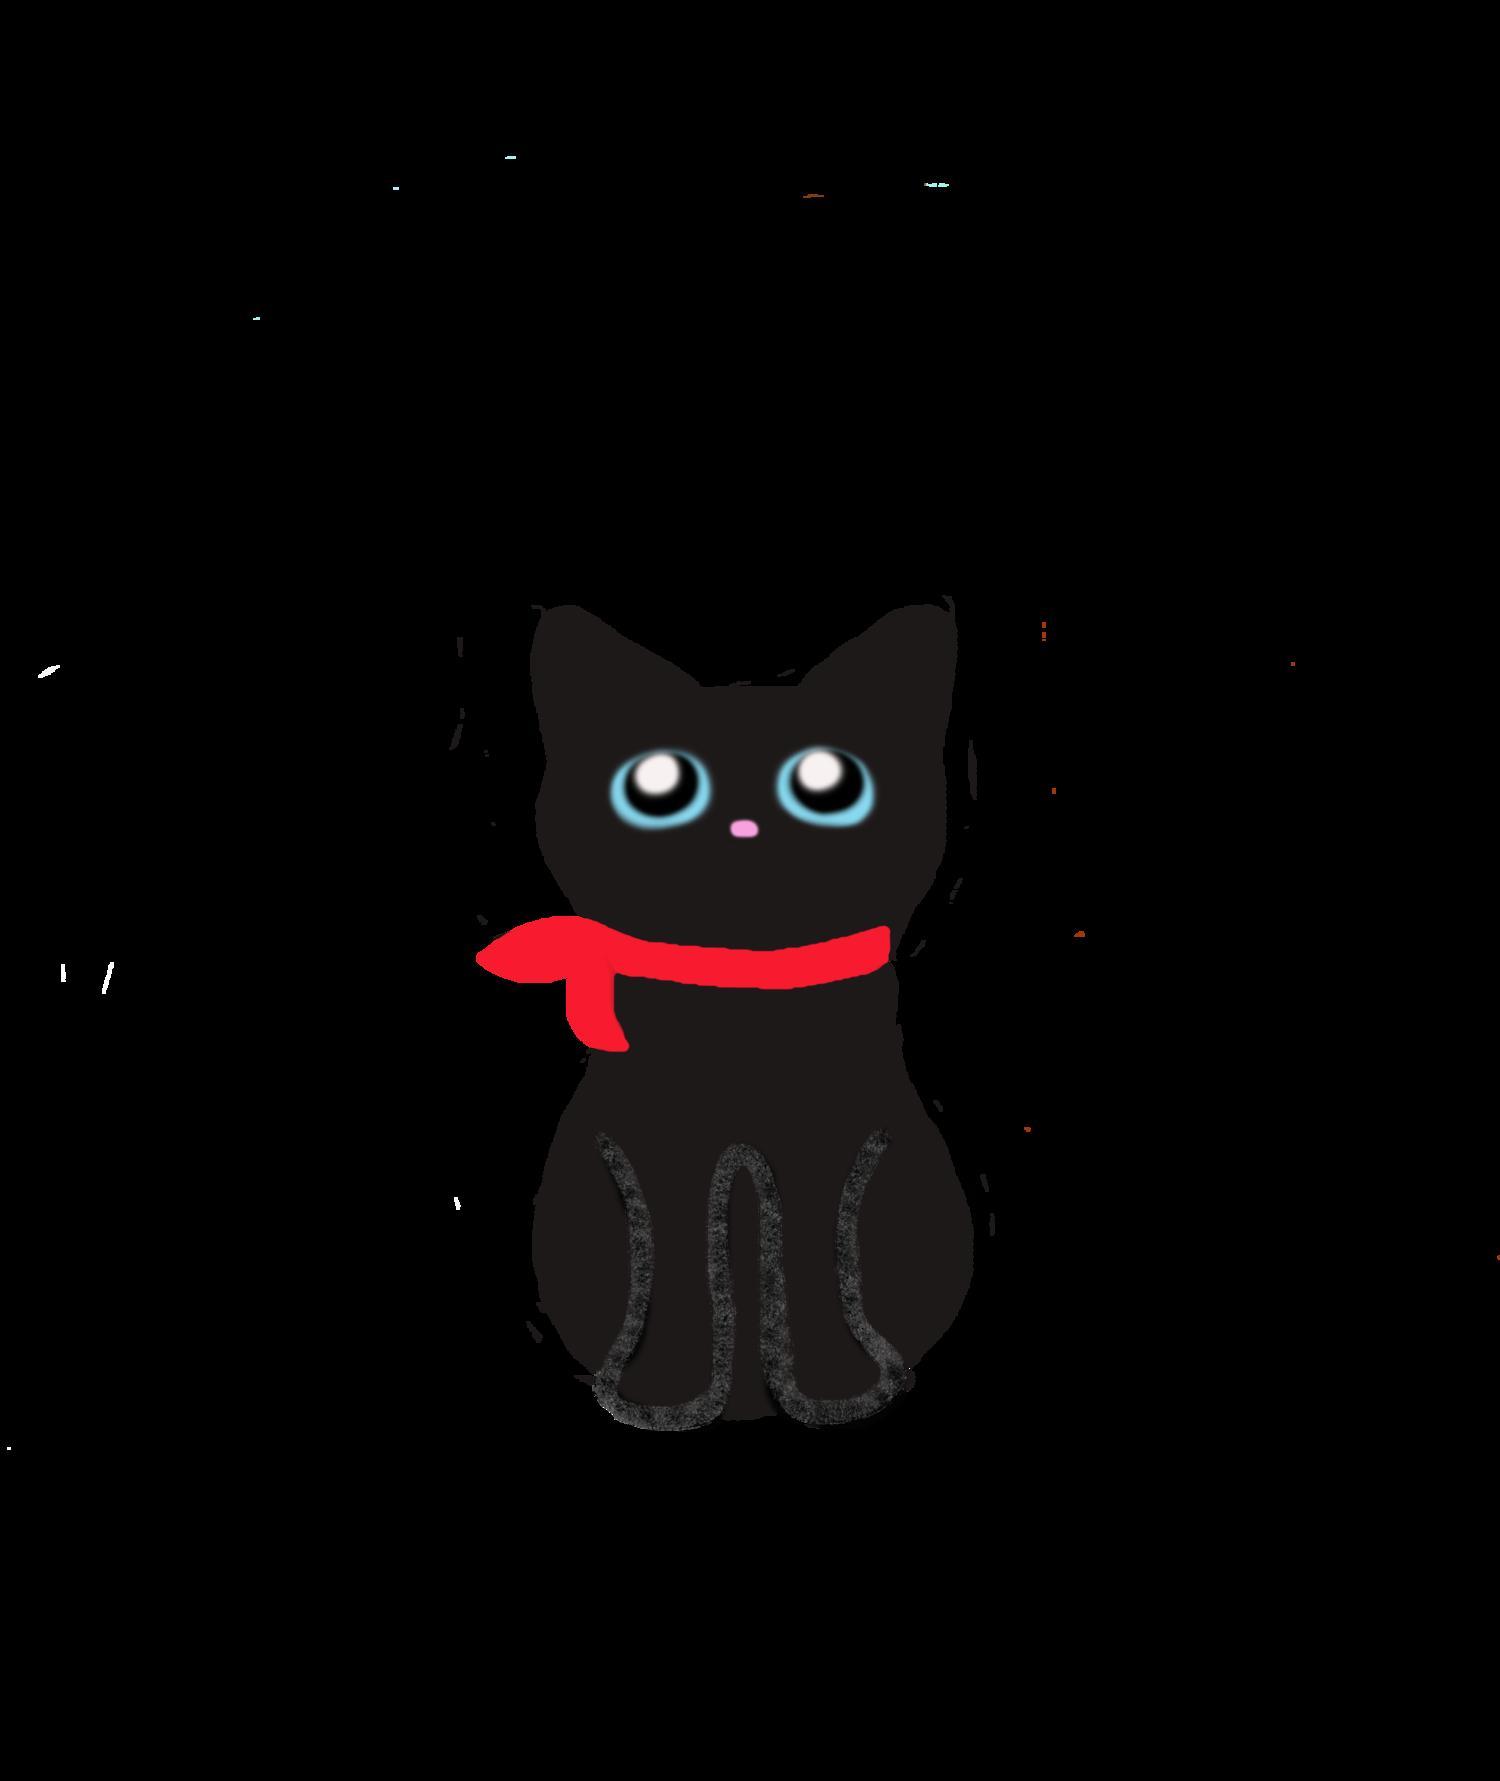 黒猫むーちゃん=^_^=